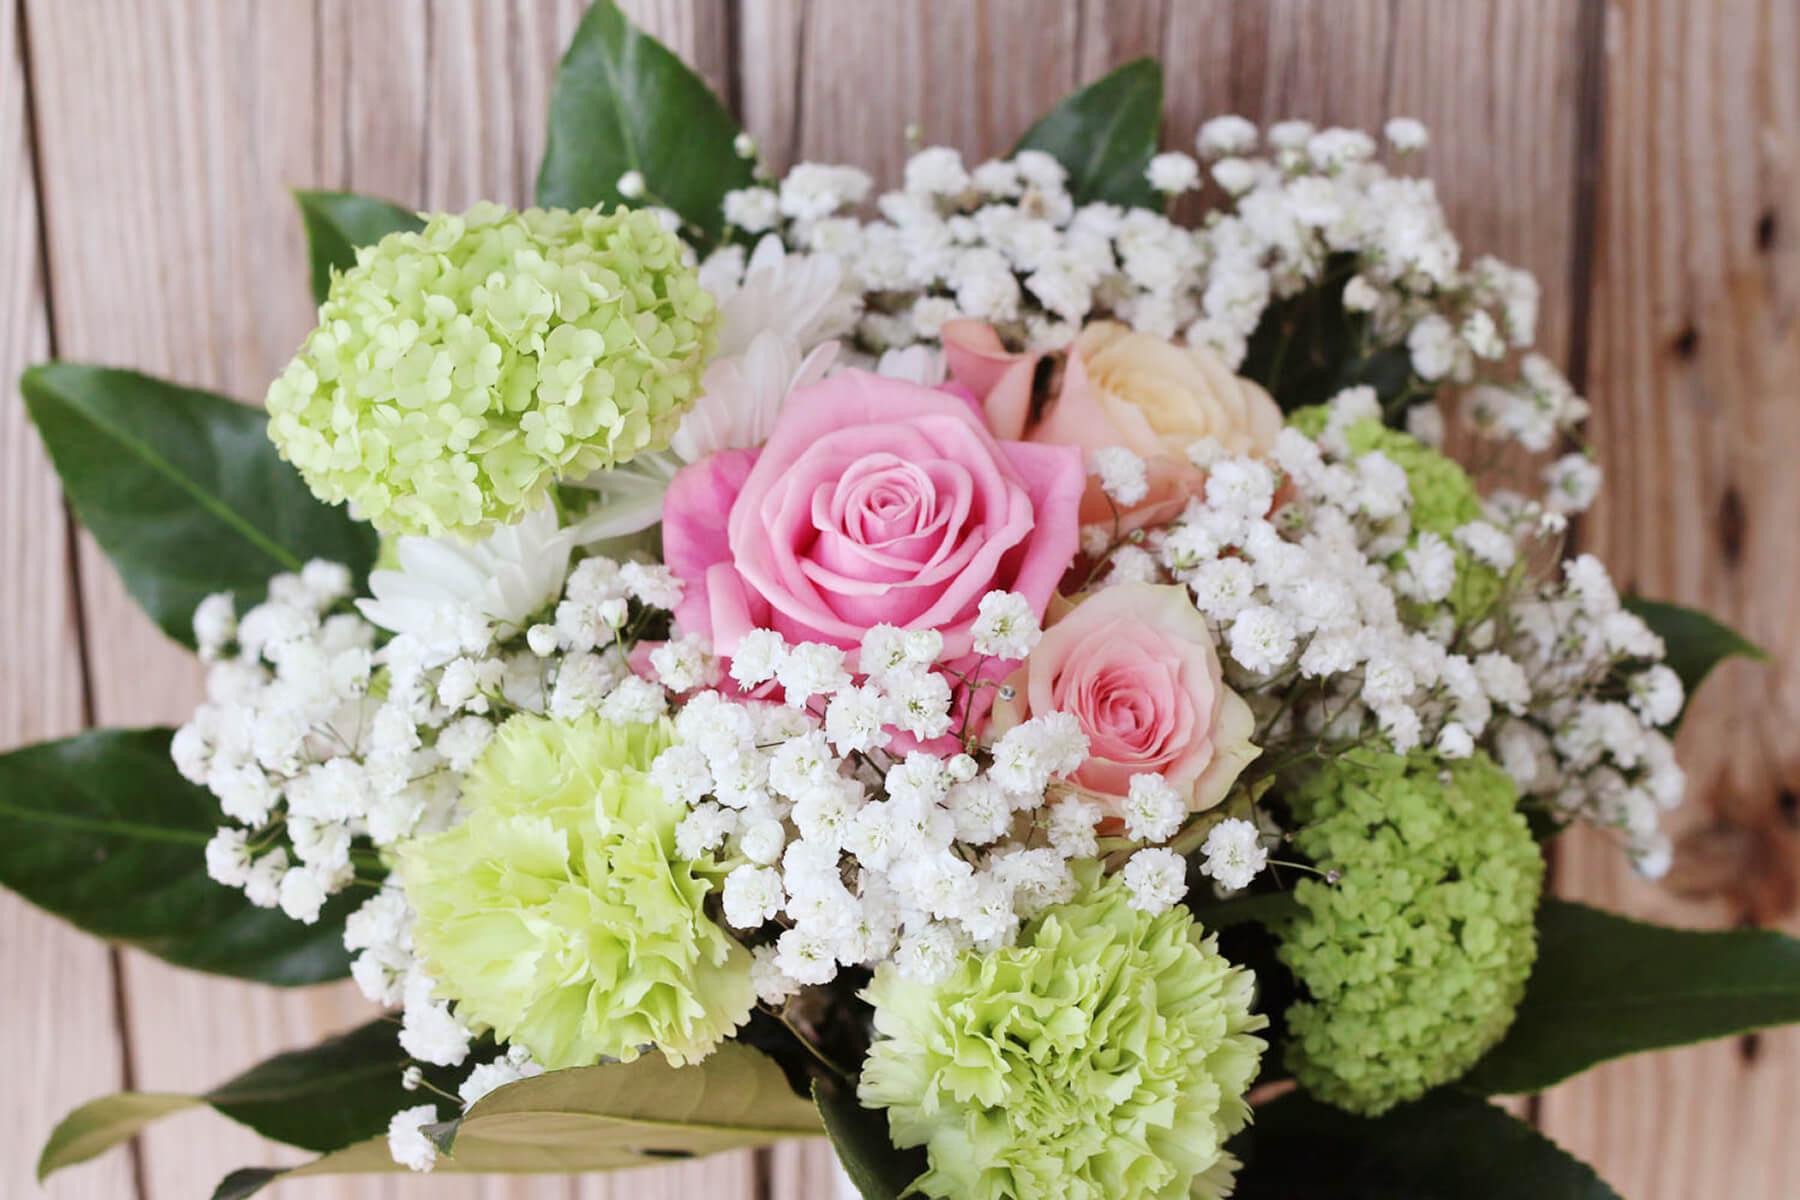 En romantisk bukett i pastellfärger. Floristen har använt sig av rosa rosor i olika nyanser, limegröna nejlikor och olvon samt vit brudslöja.